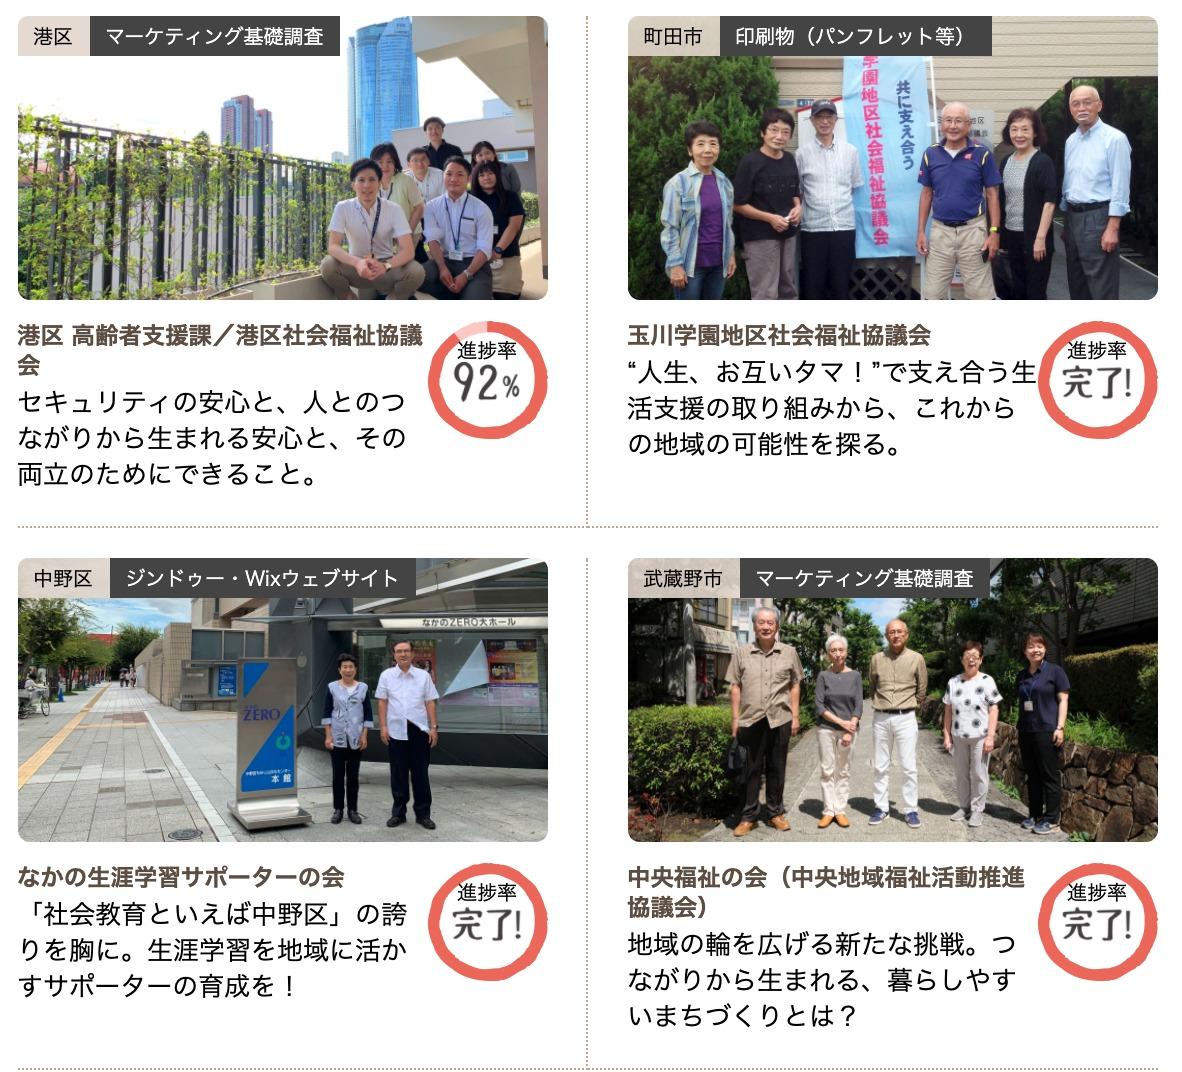 東京ホームタウンプロジェクトのプロジェクト例